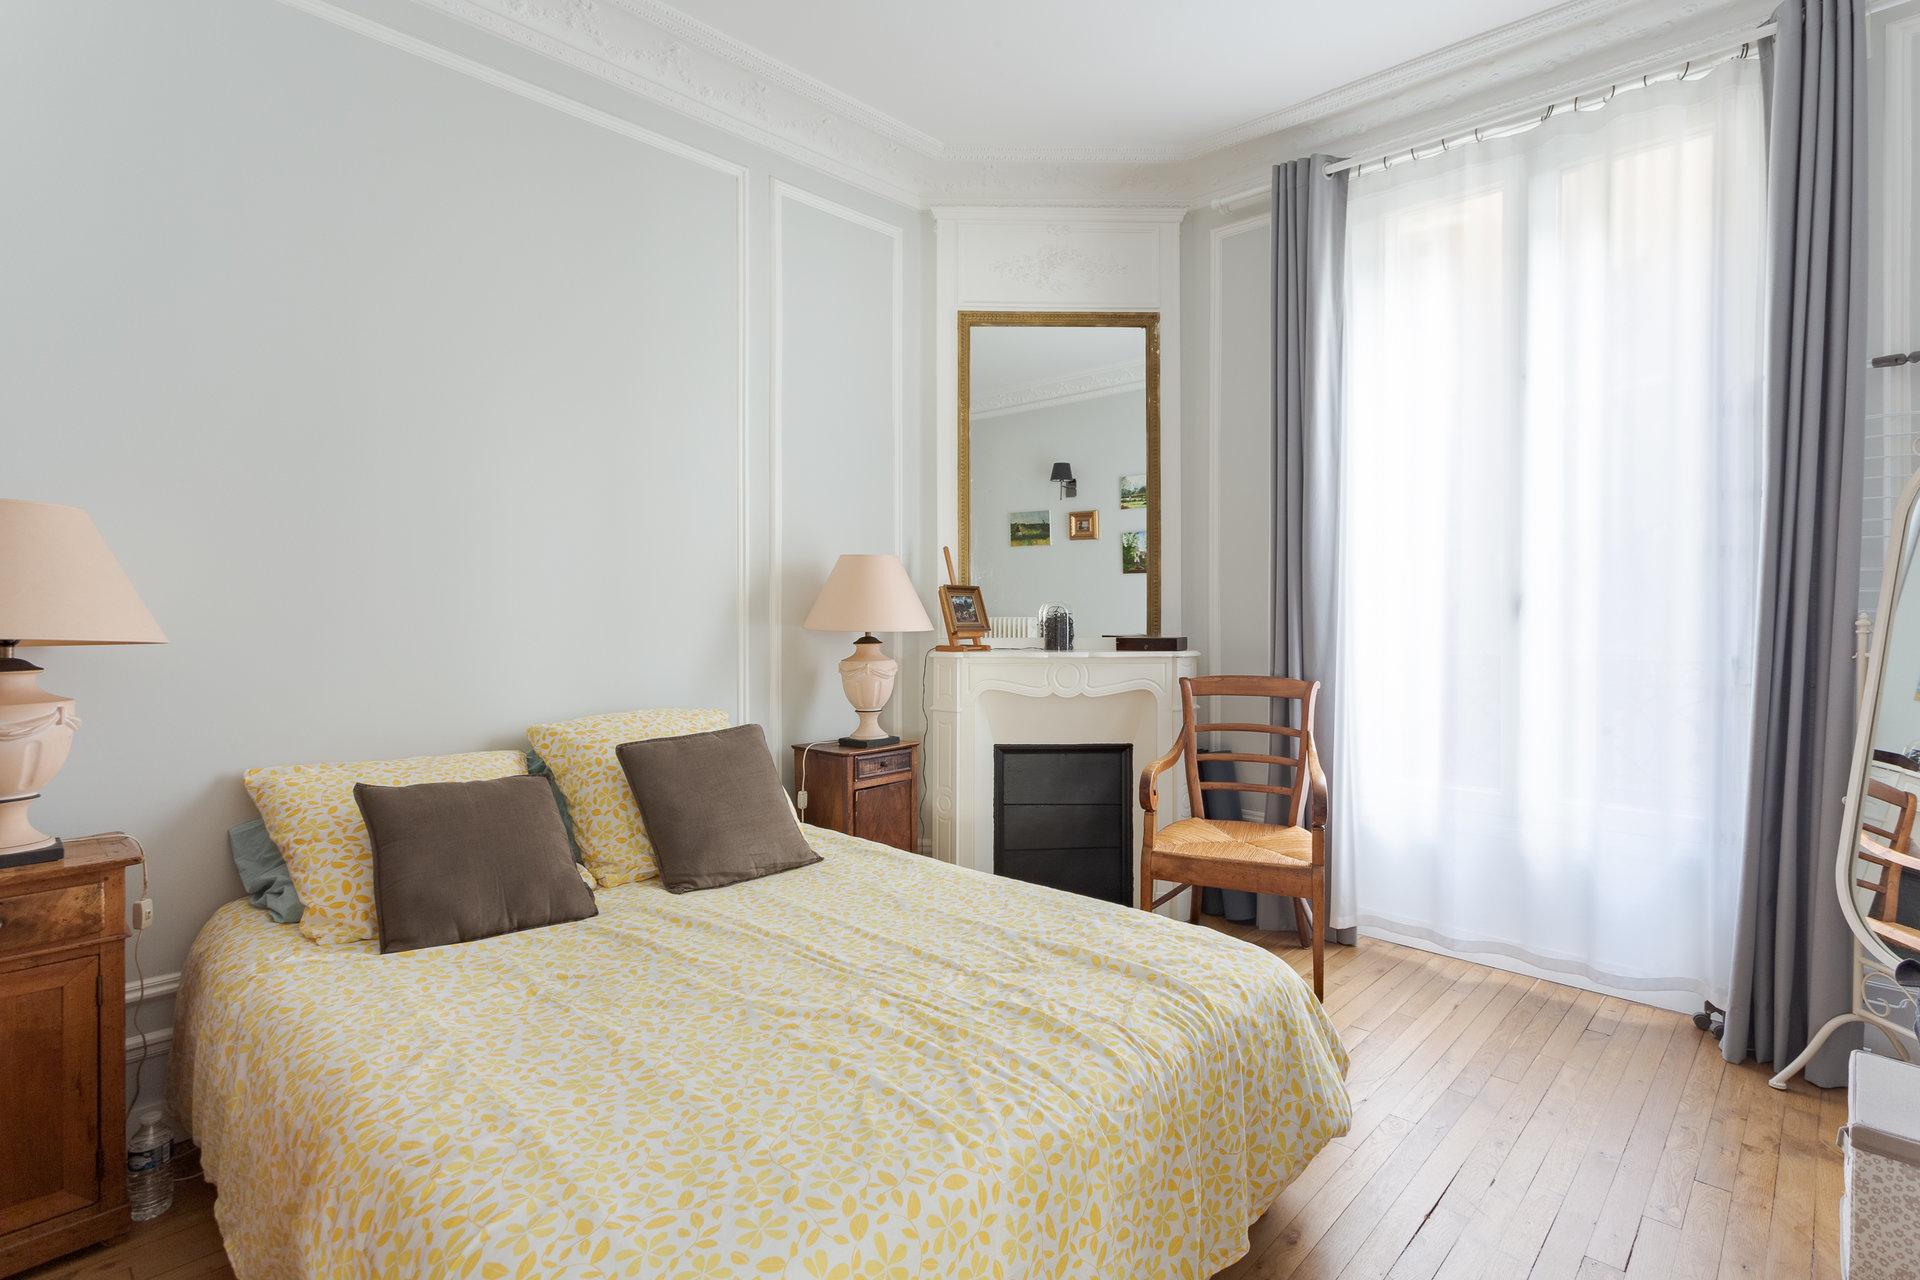 Paris - XVIII ème - HAUT MONTMARTRE PLACE DALIDA - 4 PIÈCES - TRAVERSANT - 2 CHAMBRES - ENSOLEILLÉ - CACHET MANIFESTE (3,20 DE HAUTEUR SOUS PLAFOND) - ADRESSE EXCEPTIONNELLE